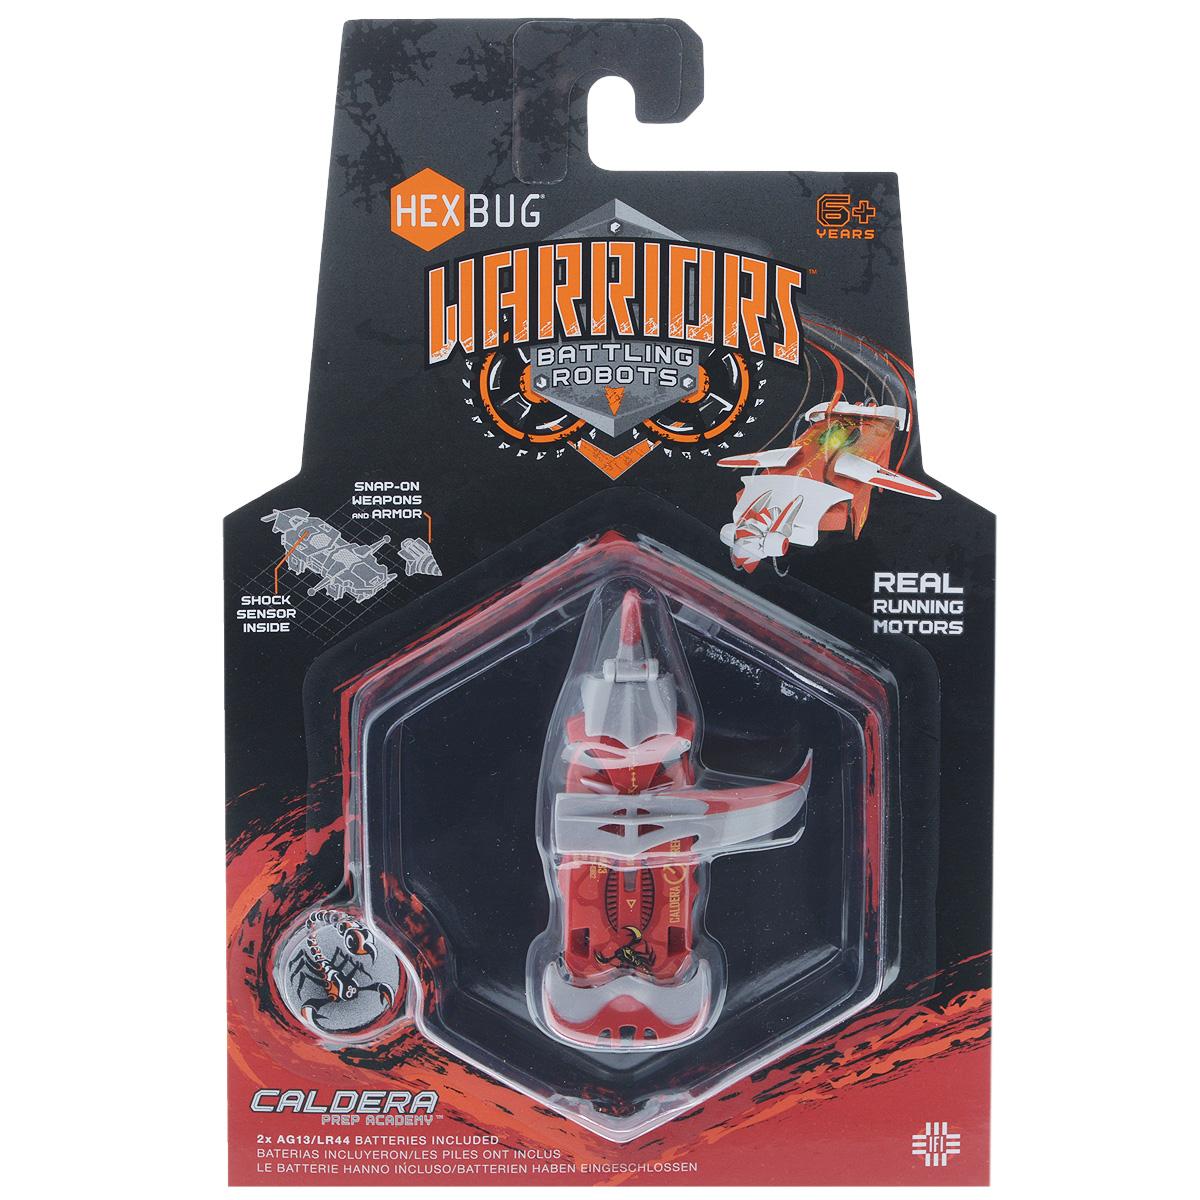 Микро-робот Hexbug Warriors. Caldera, цвет: красный. S1-4B hexbug игровой набор с микро роботами нано v2 ланчпад neon